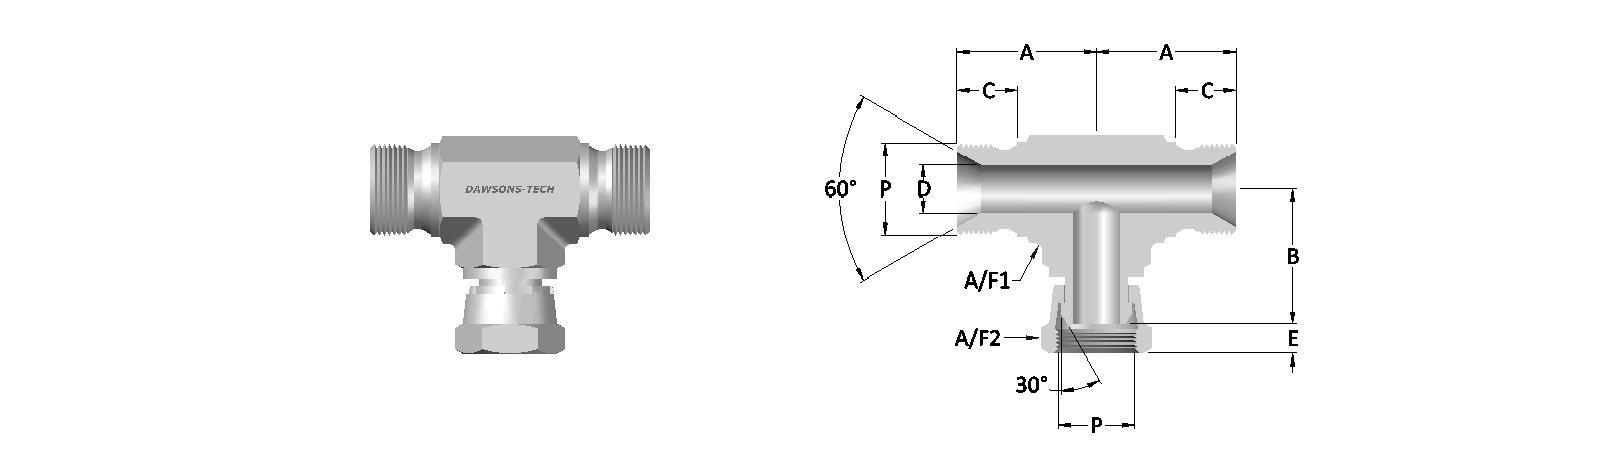 05 Male - Swivel Female Branch Tee BSP (Parallel) Thread-Model